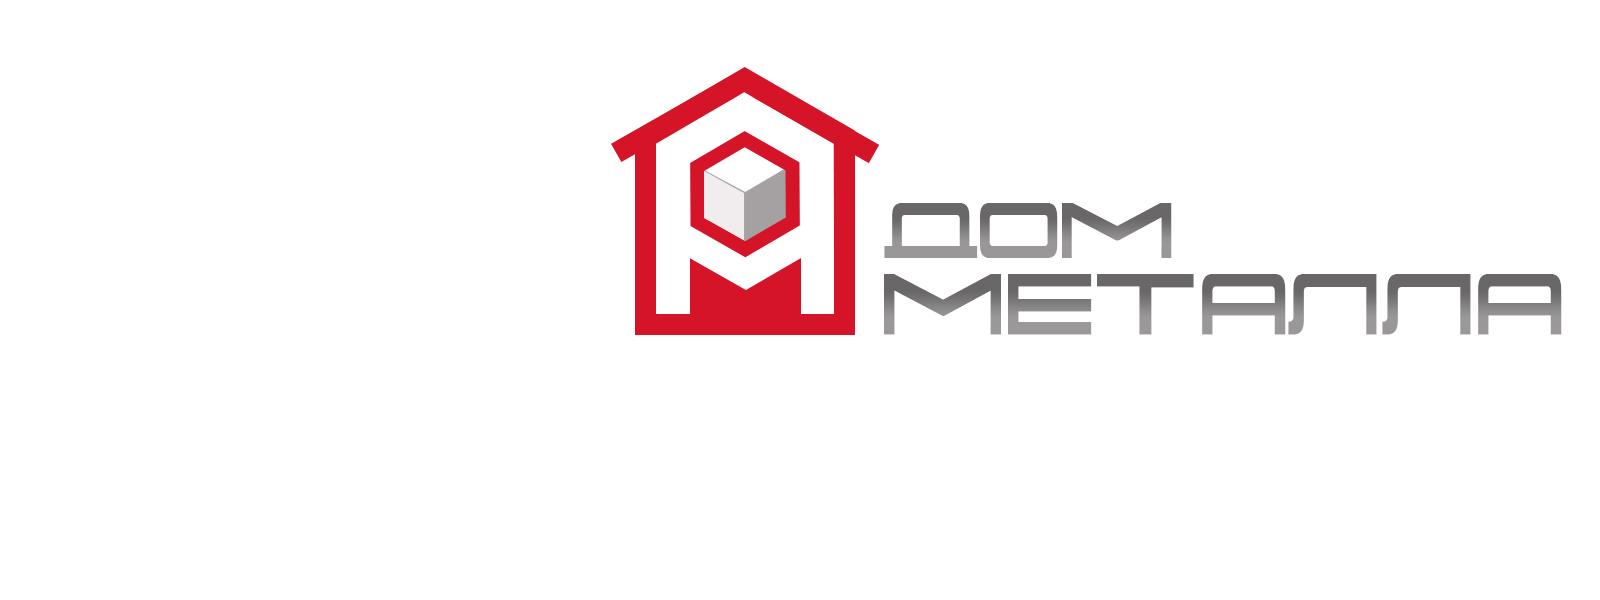 Разработка логотипа фото f_9155c5a70343ca67.jpg